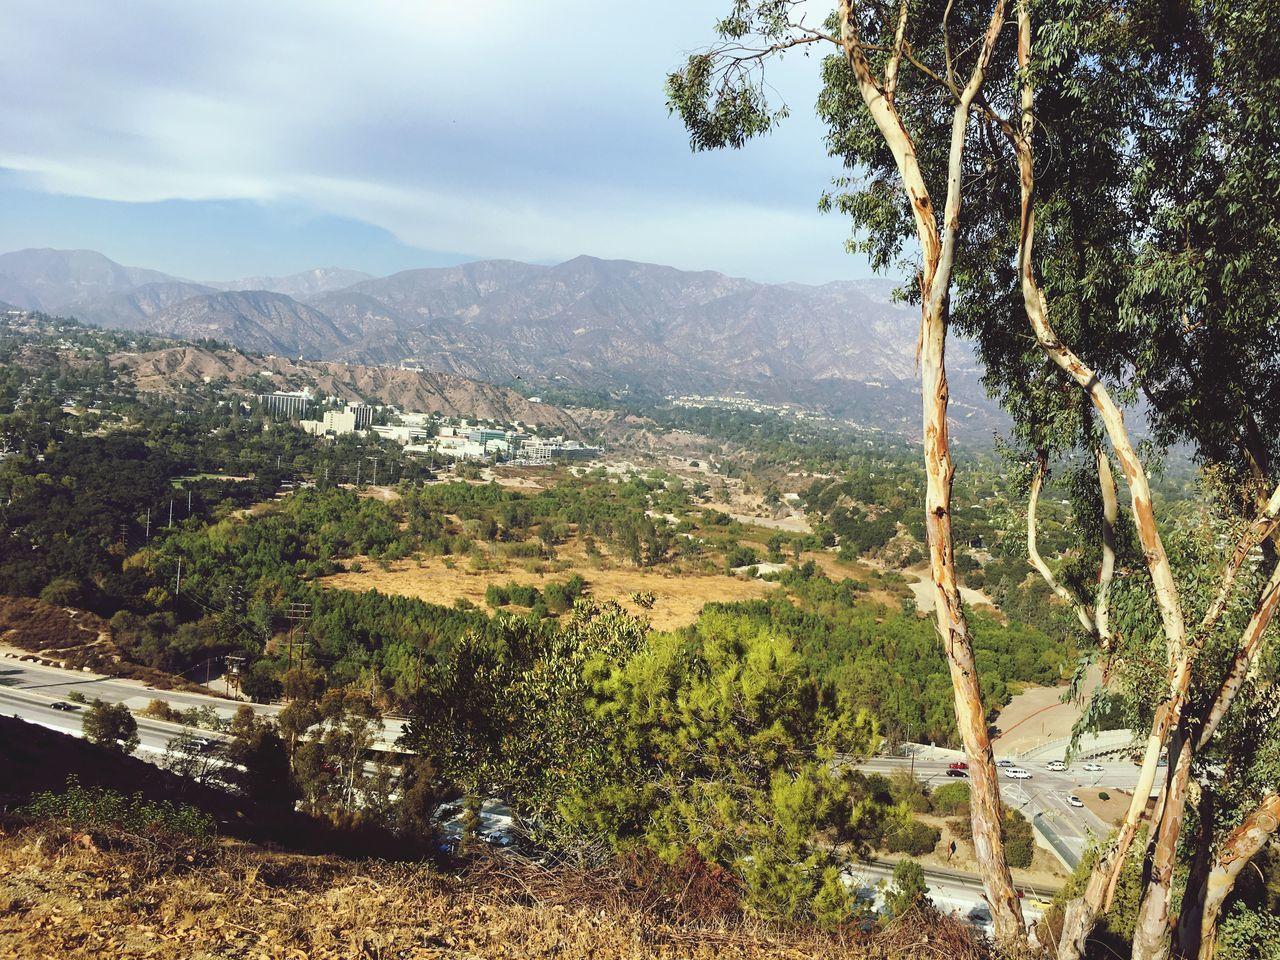 La Cañada CA San Gabriel Valley  View